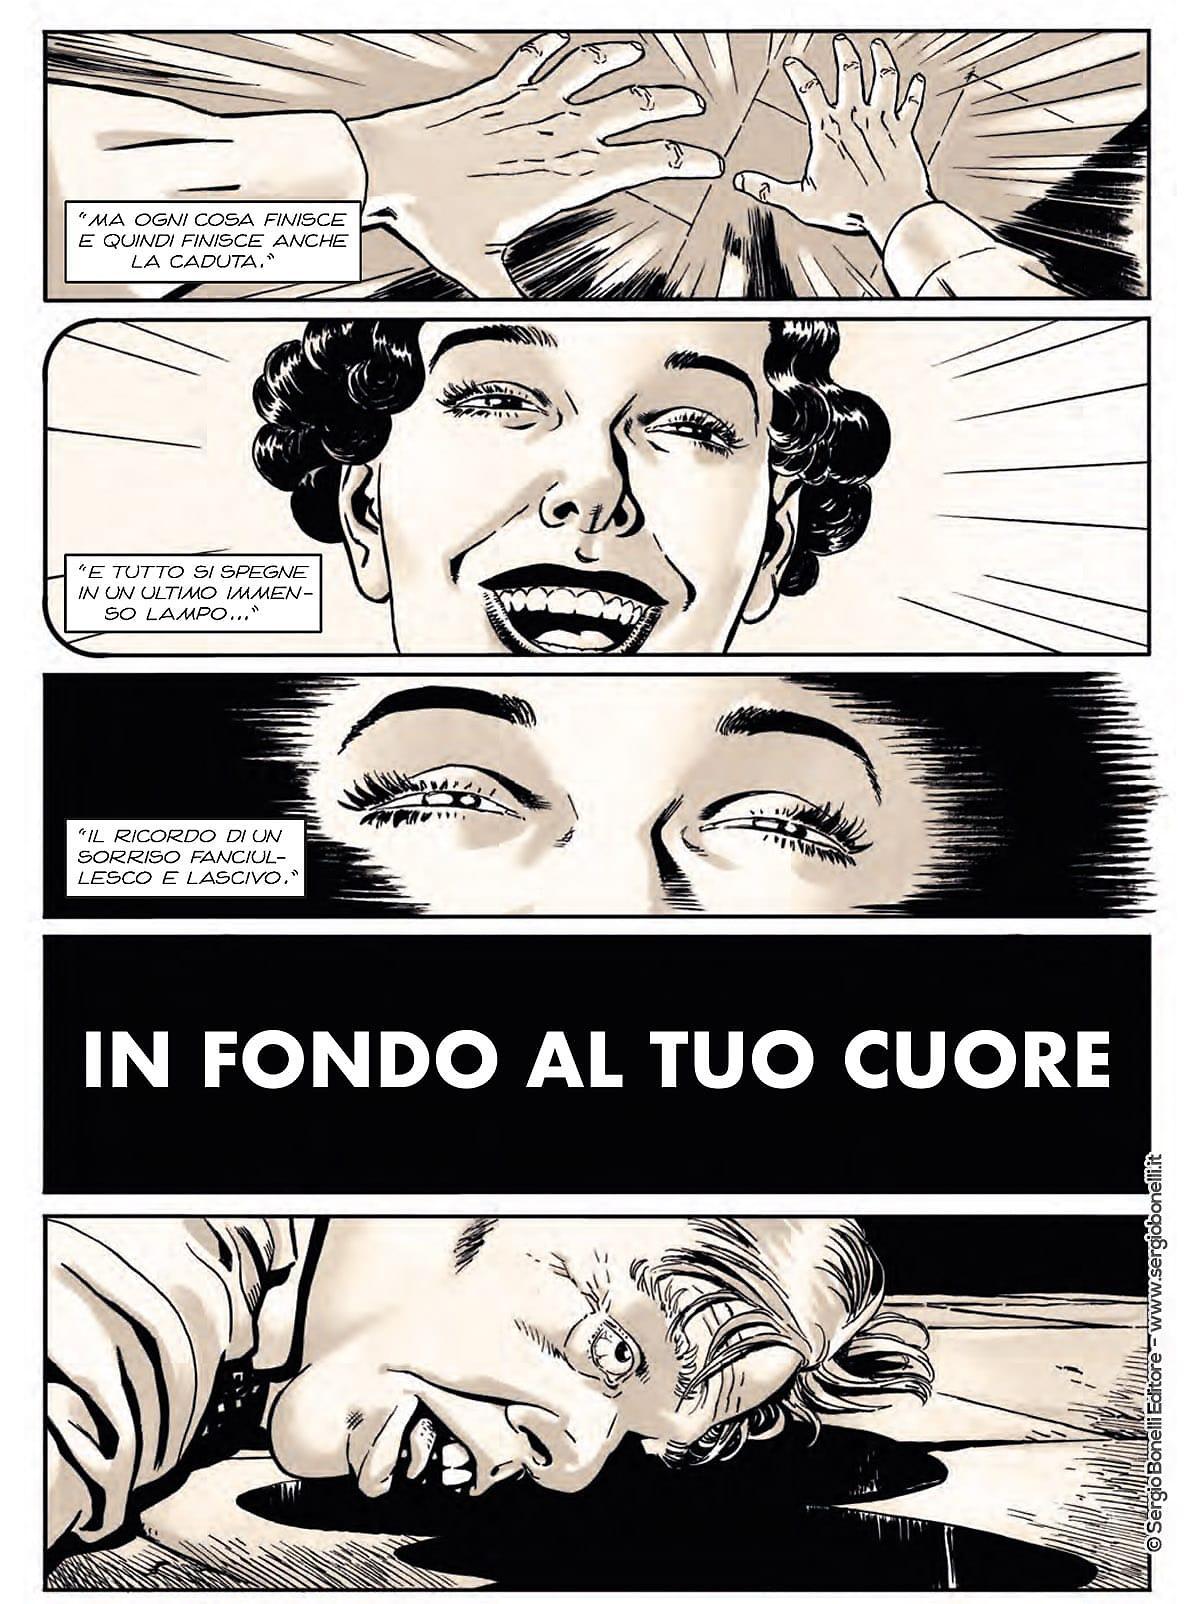 Commissario Ricciardi_tavola1